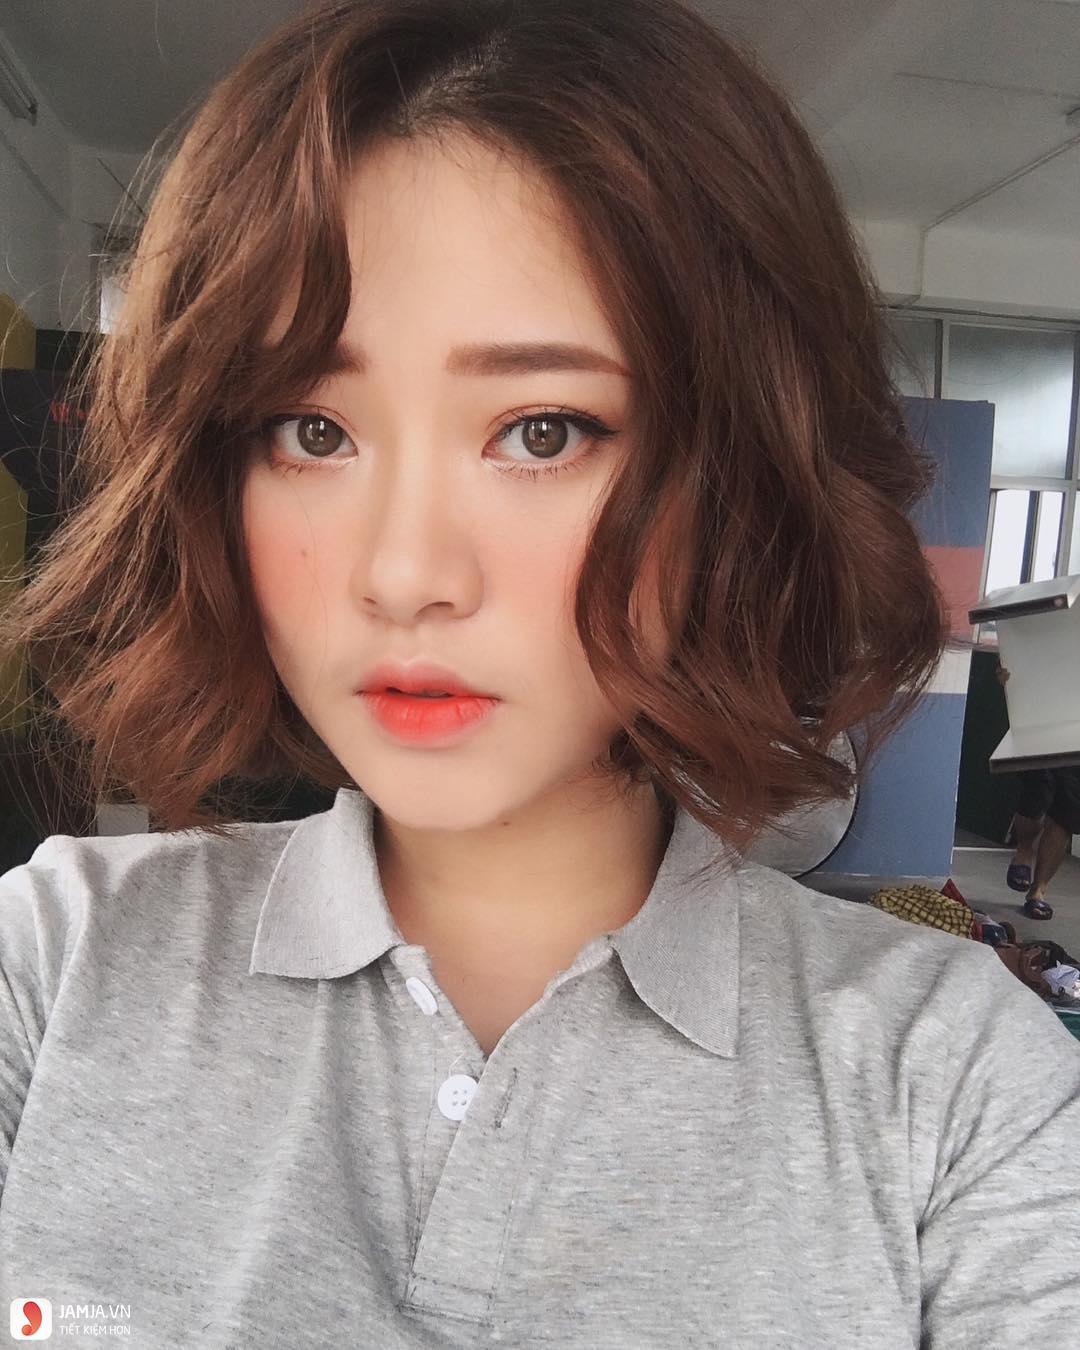 Kiểu tóc rẽ mái